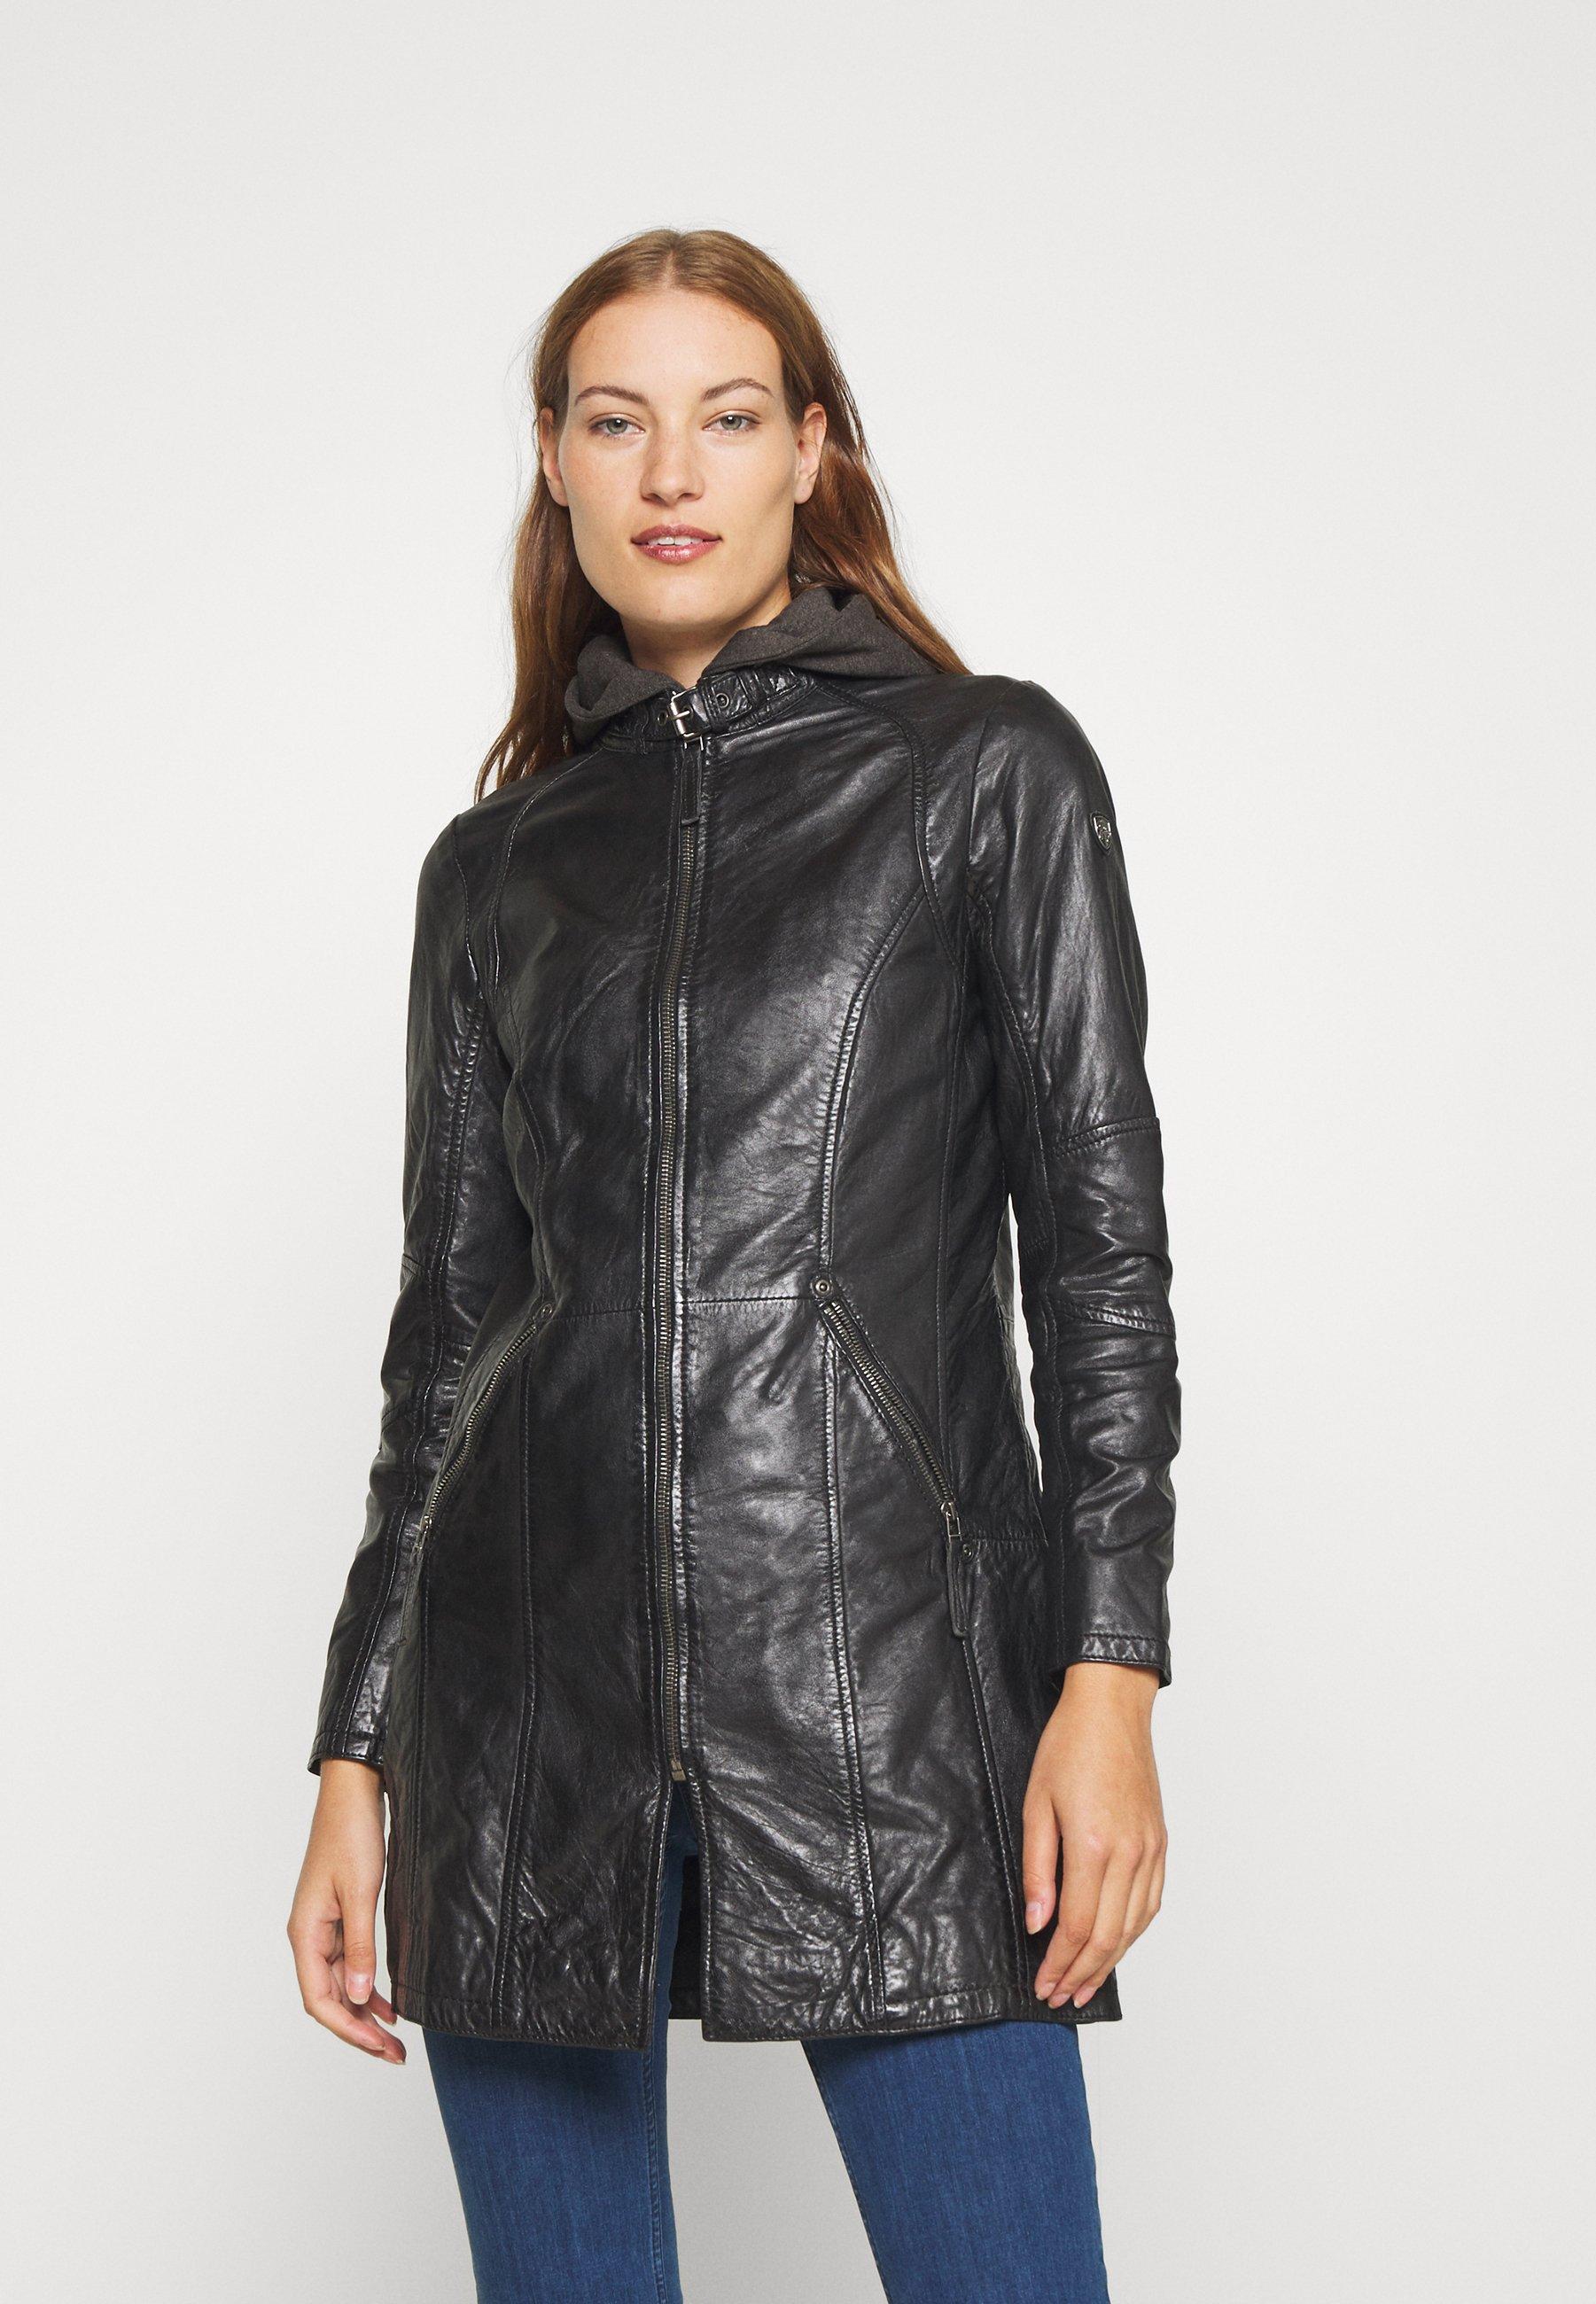 Women ANDRA LAMAS - Short coat